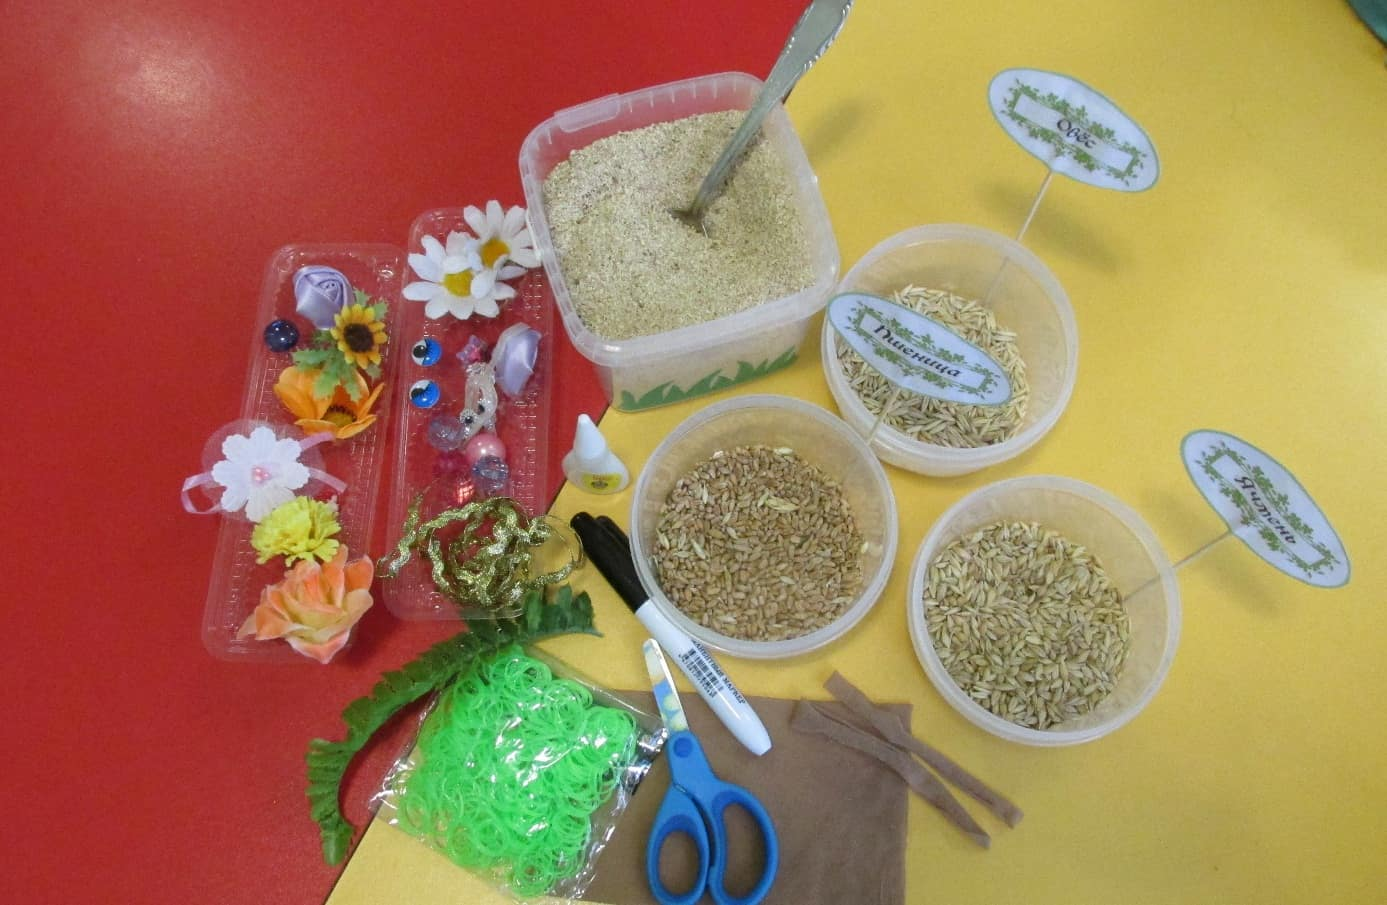 Мастер-класс по изготовлению эко-игрушки в детском саду «Травянчик»